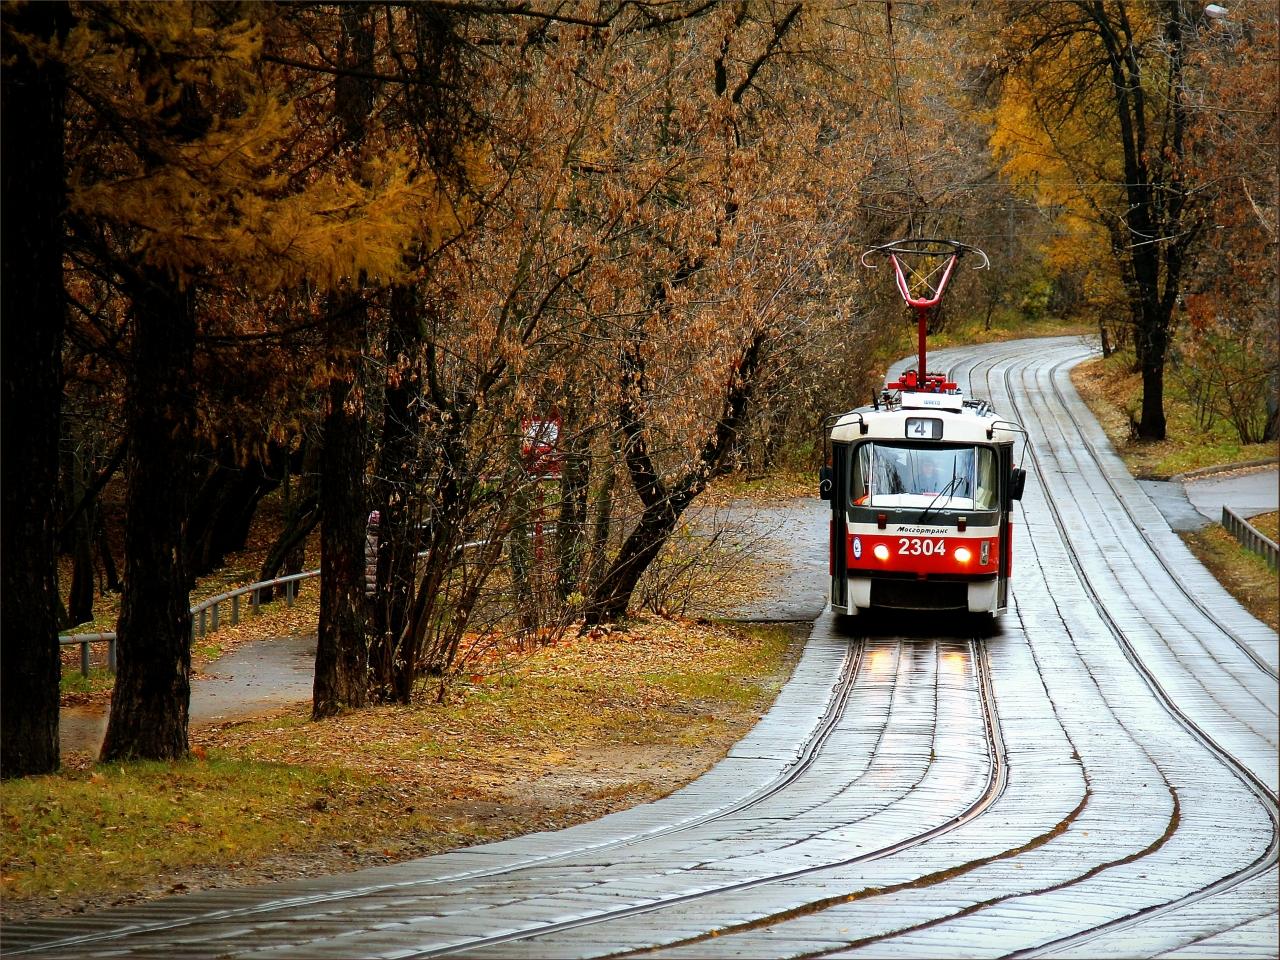 Одинокий трамвай увезёт меня в осень...